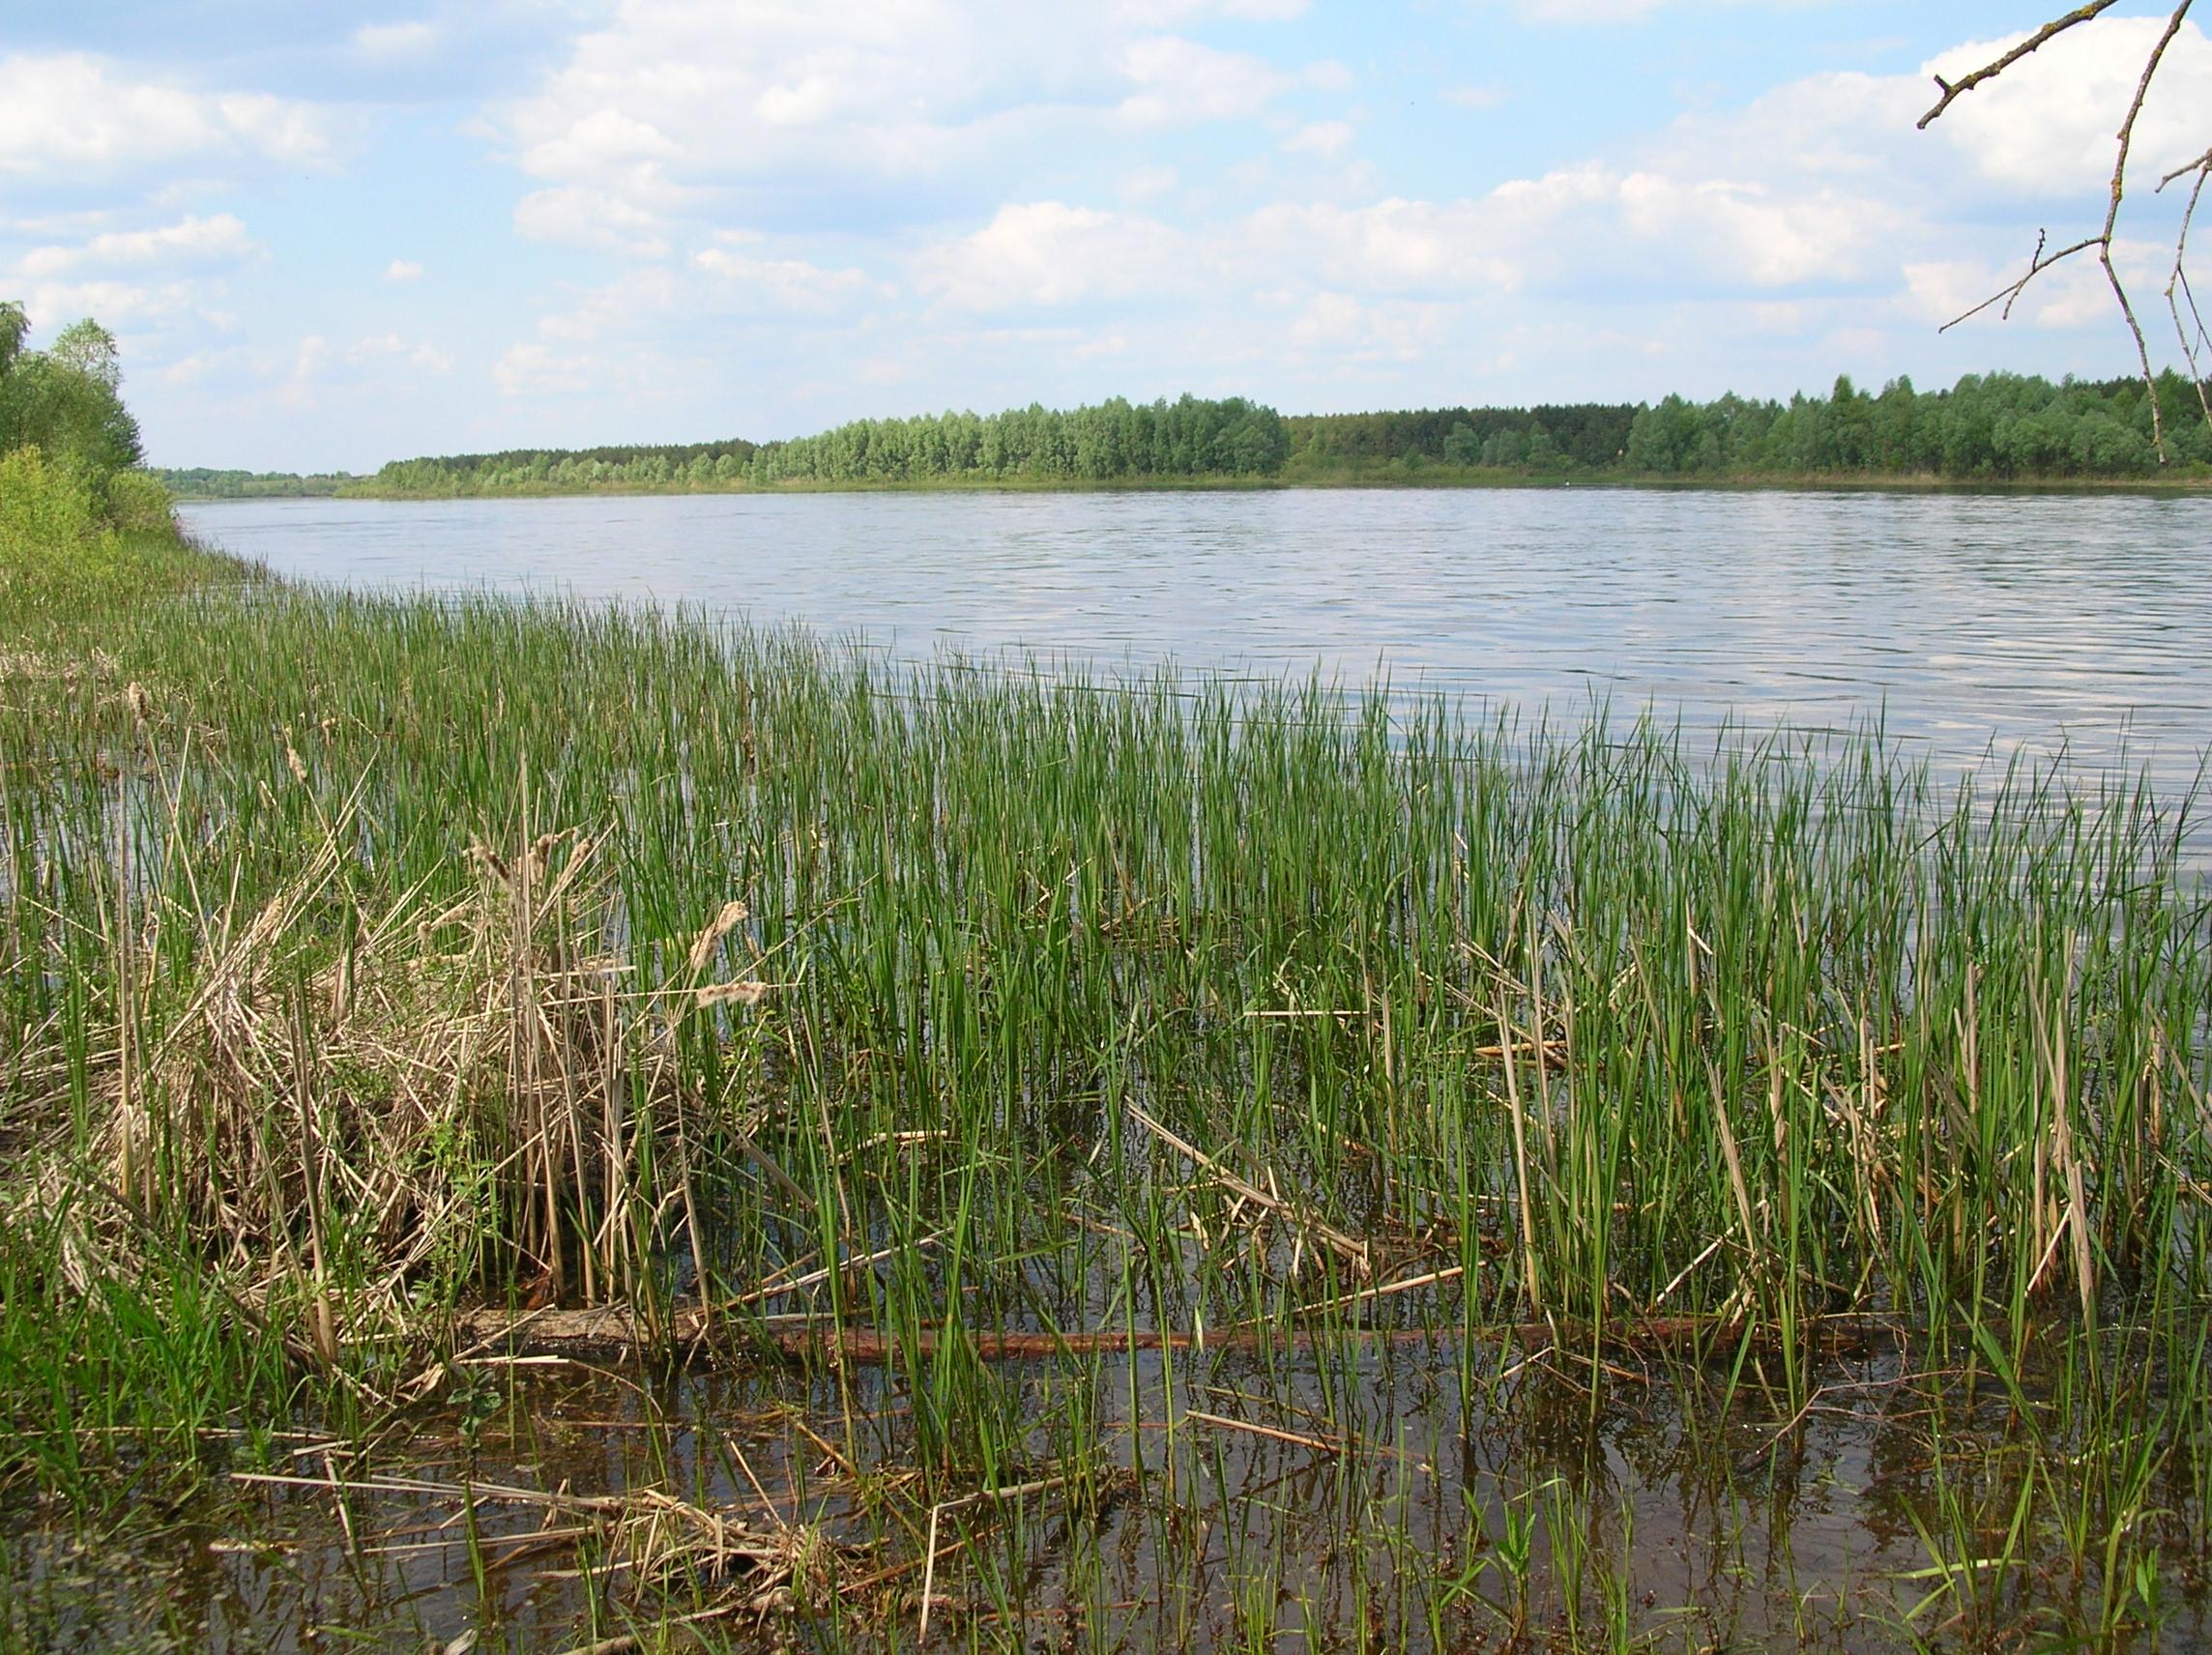 где в россии болота занимают большую площадь наличие задолженности по кредитам